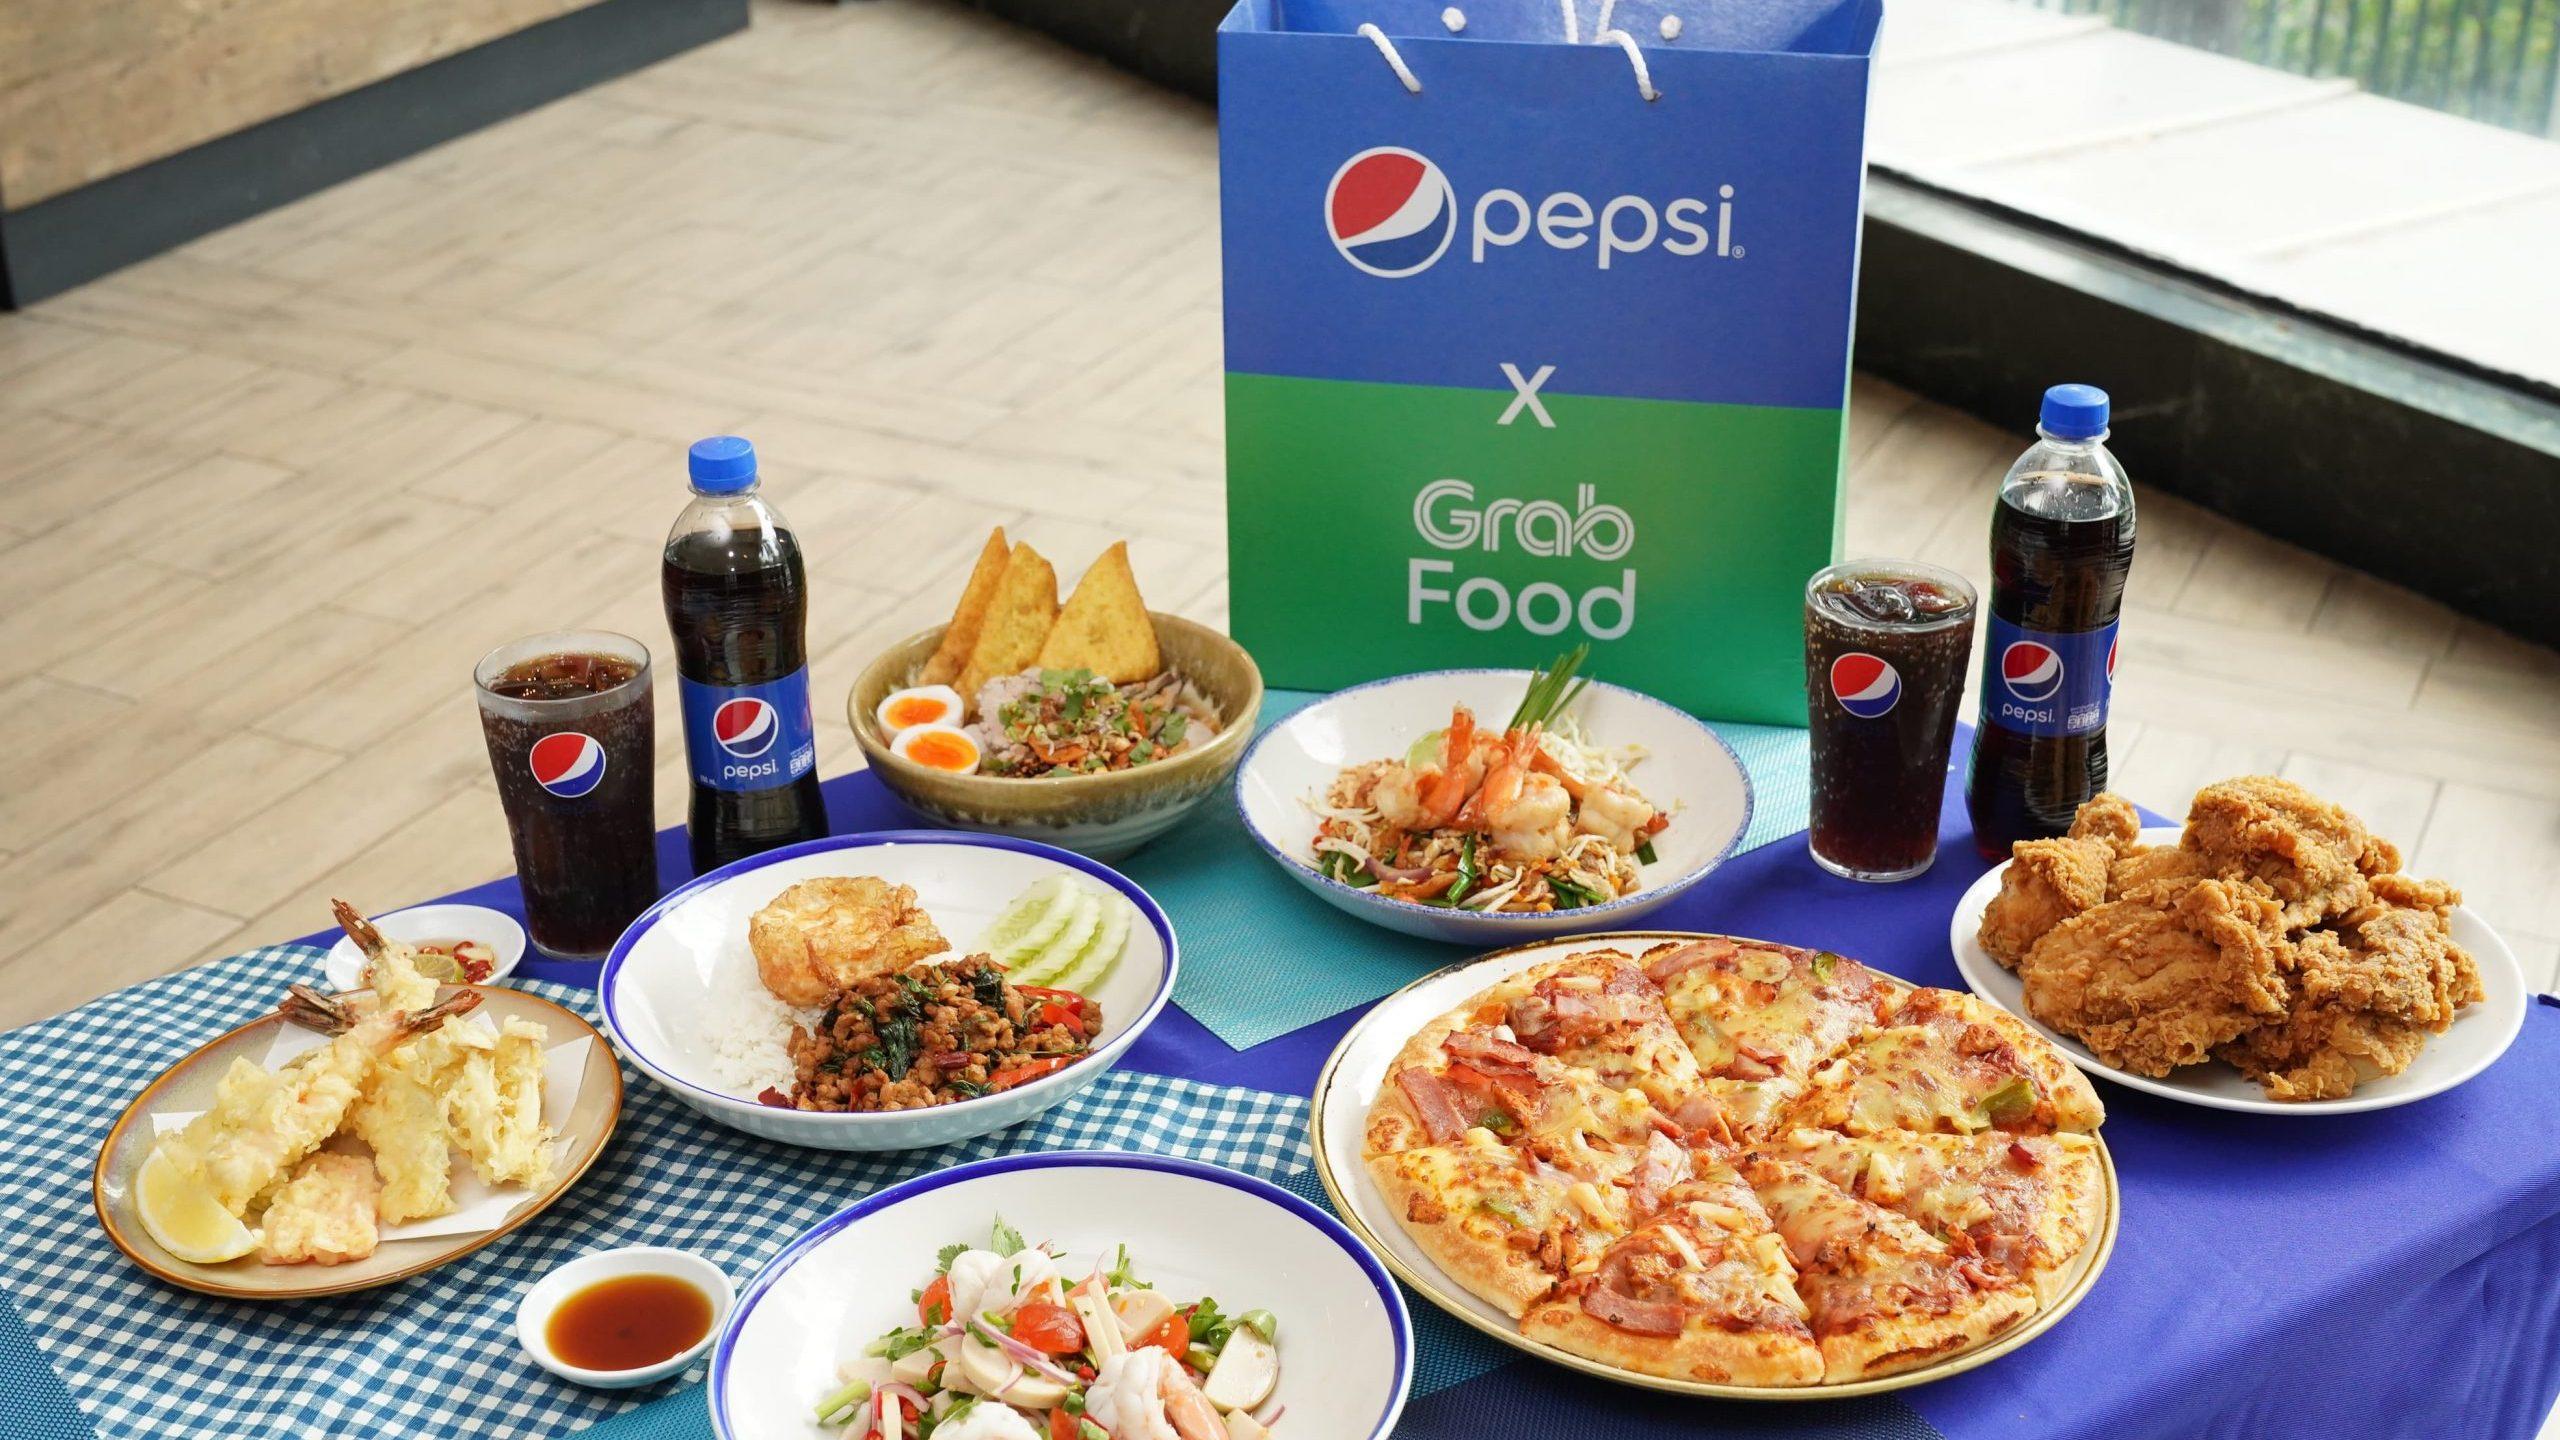 """เป๊ปซี่ และแกร็บฟู้ด จัดใหญ่เอาใจสายกิน ผ่านแคมเปญ """"GrabFood x Pepsi เพื่อนซี้จัดให้ ปี3""""ยกทัพความอร่อยและโปรโมชั่นเด็ดเหมือนมีเพื่อนซี้รู้ใจในทุกช่วงเวลาอาหารตลอดปี 2564"""